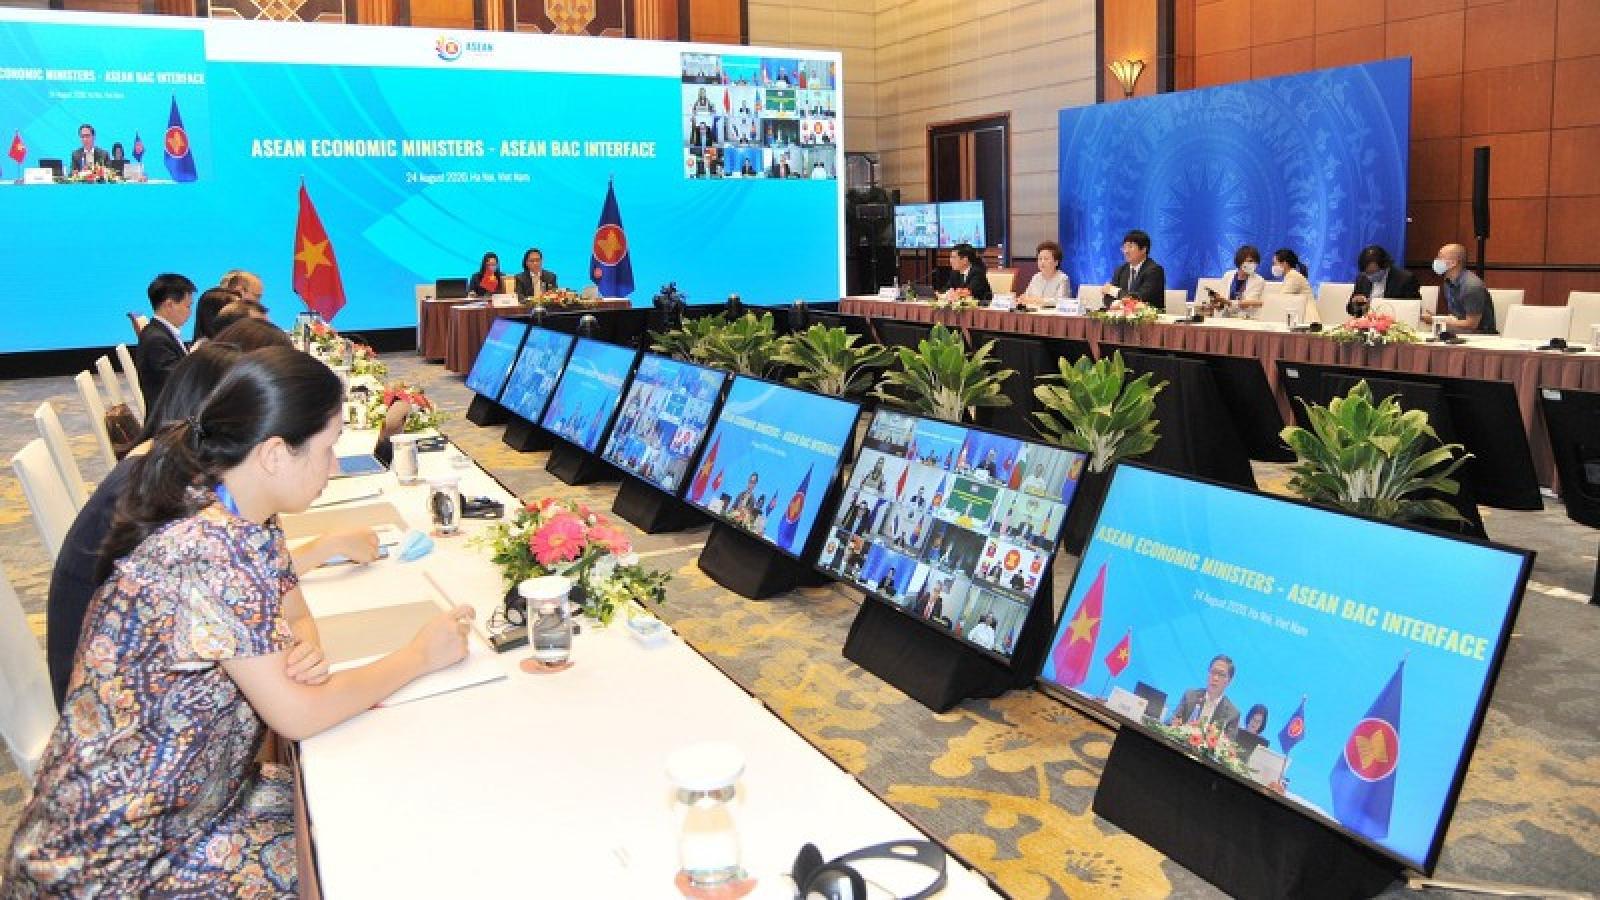 Hội nghị tham vấn trực tuyến của Bộ trưởng Kinh tế ASEAN